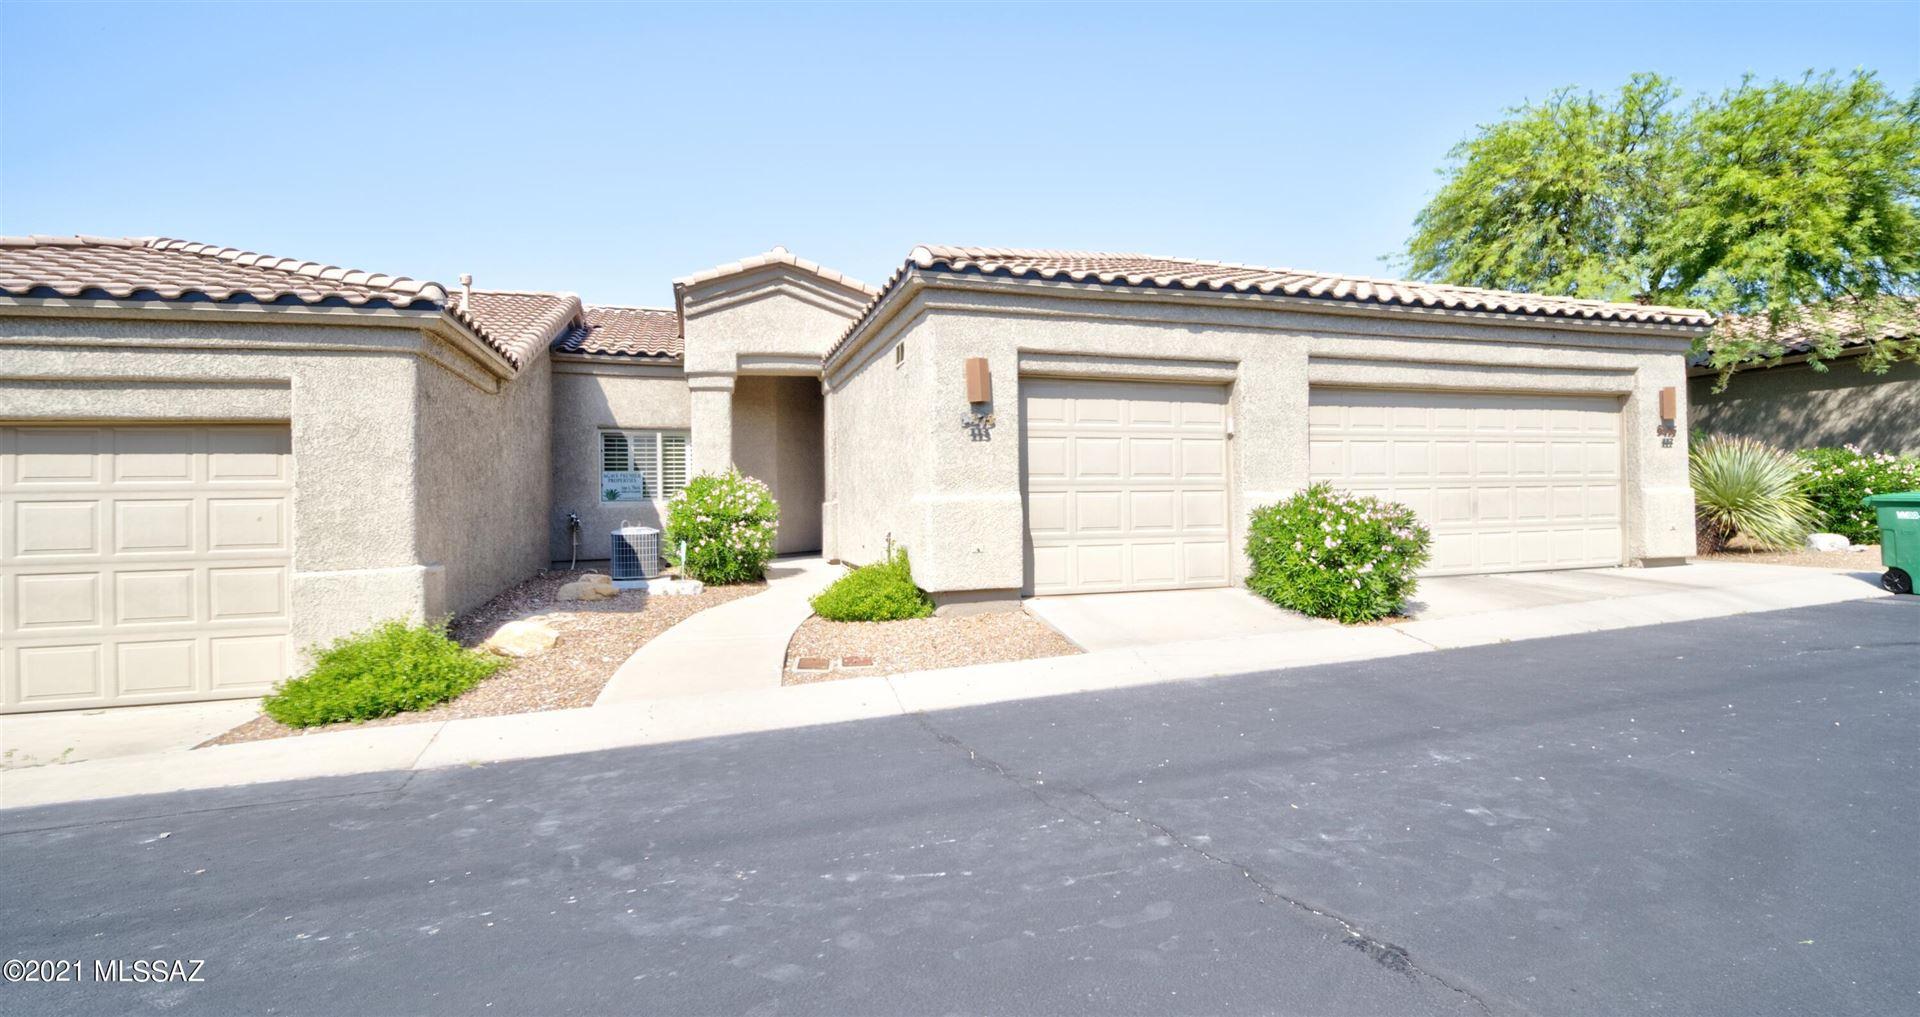 5475 E Forest Park Place #113, Tucson, AZ 85718 - MLS#: 22117260